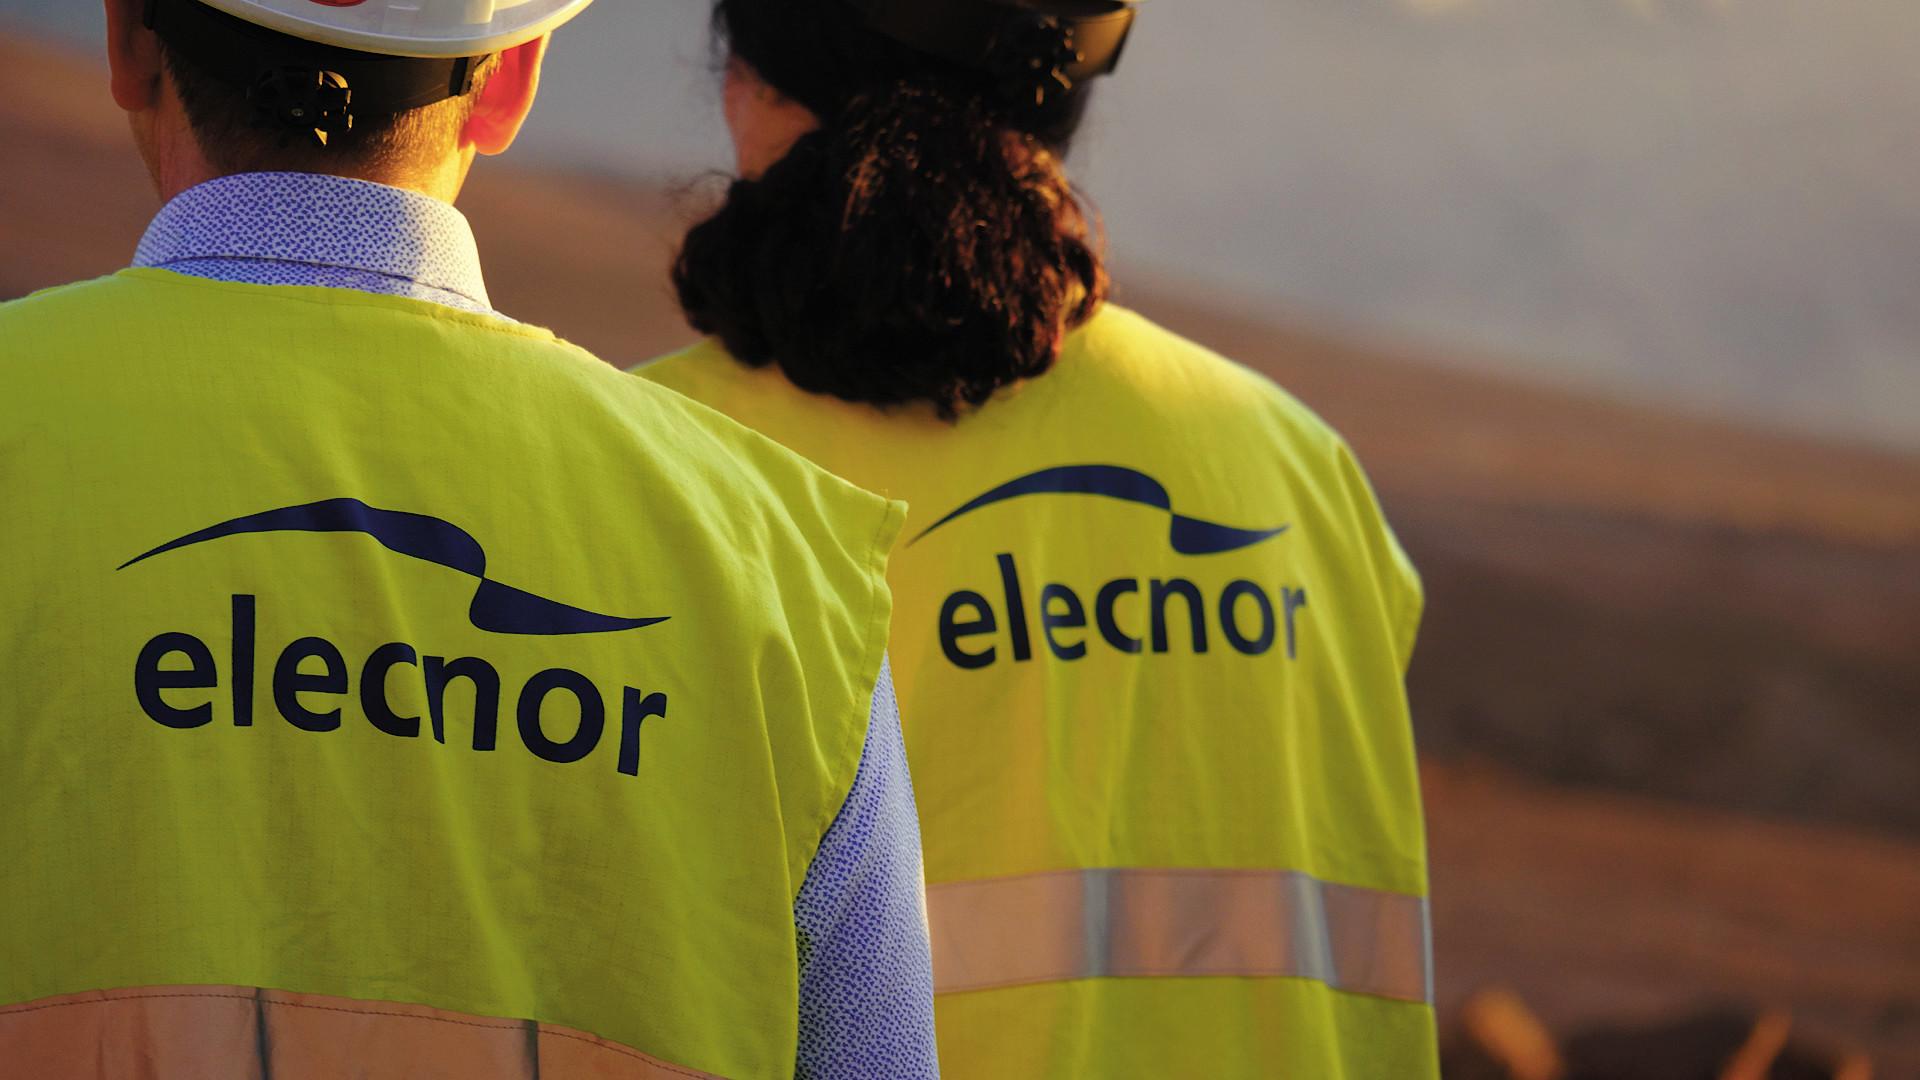 elecnor00061523still054-2